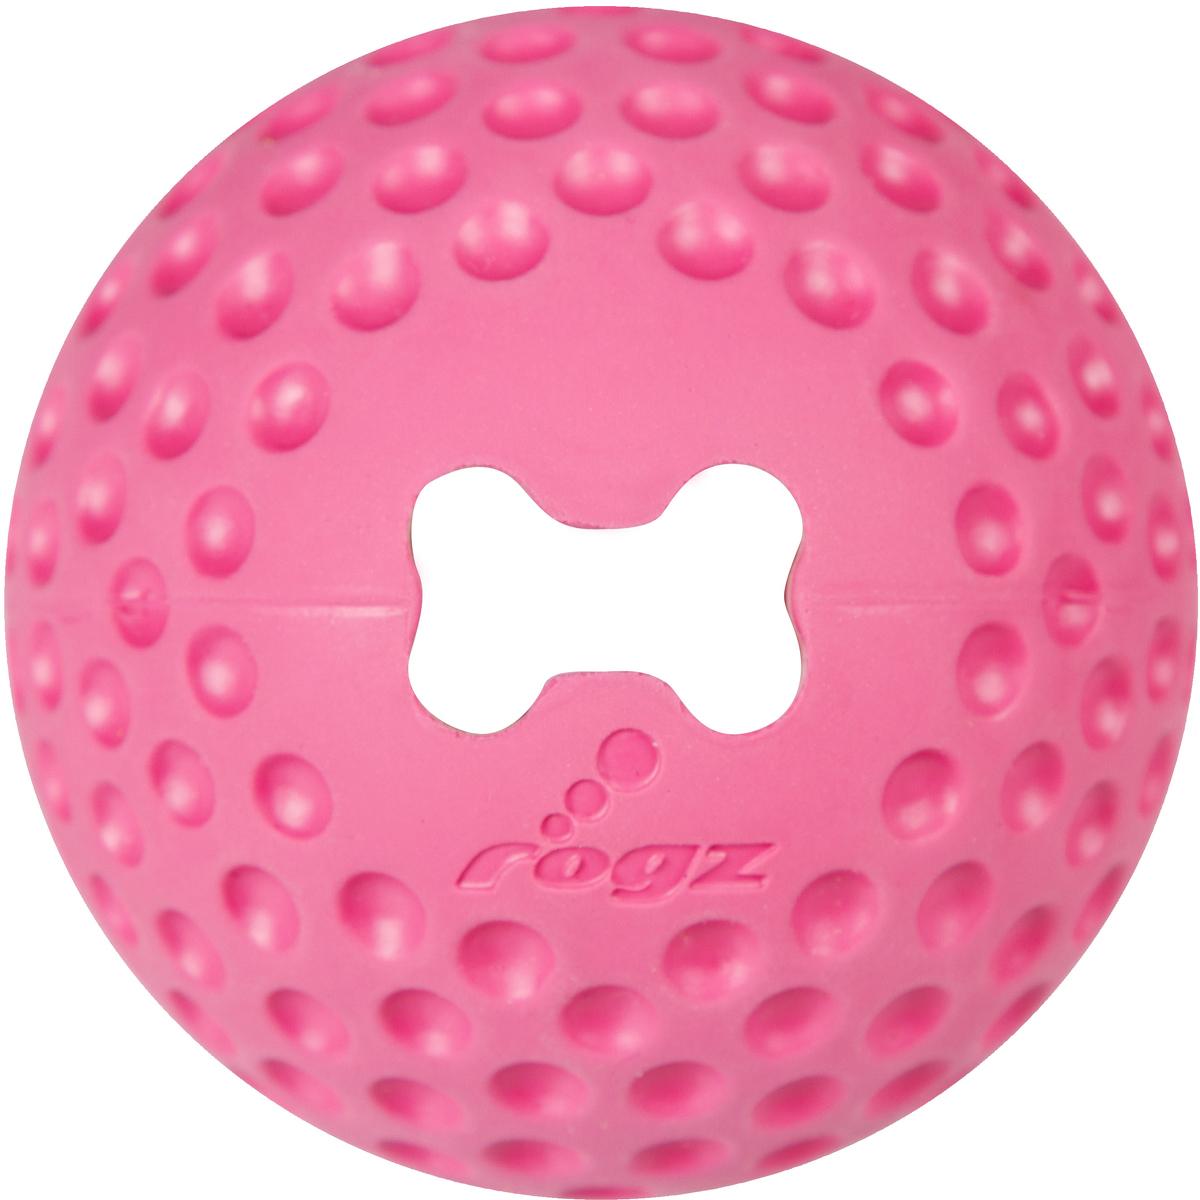 Игрушка для собак Rogz Gumz, с отверстием для лакомства, цвет: розовый, диаметр 7,8 смGU04KИгрушка для собак Rogz Gumz тренирует жевательные мышцы и массирует десны собаке. Отлично подходит для дрессировки, так как есть отверстие для лакомства.Отлично подпрыгивает при играх.Занимательная игрушка выдерживает долгое жевание и разгрызание. Материал изделия: 85 % натуральной резины, 15 % синтетической резины. Не токсичен.